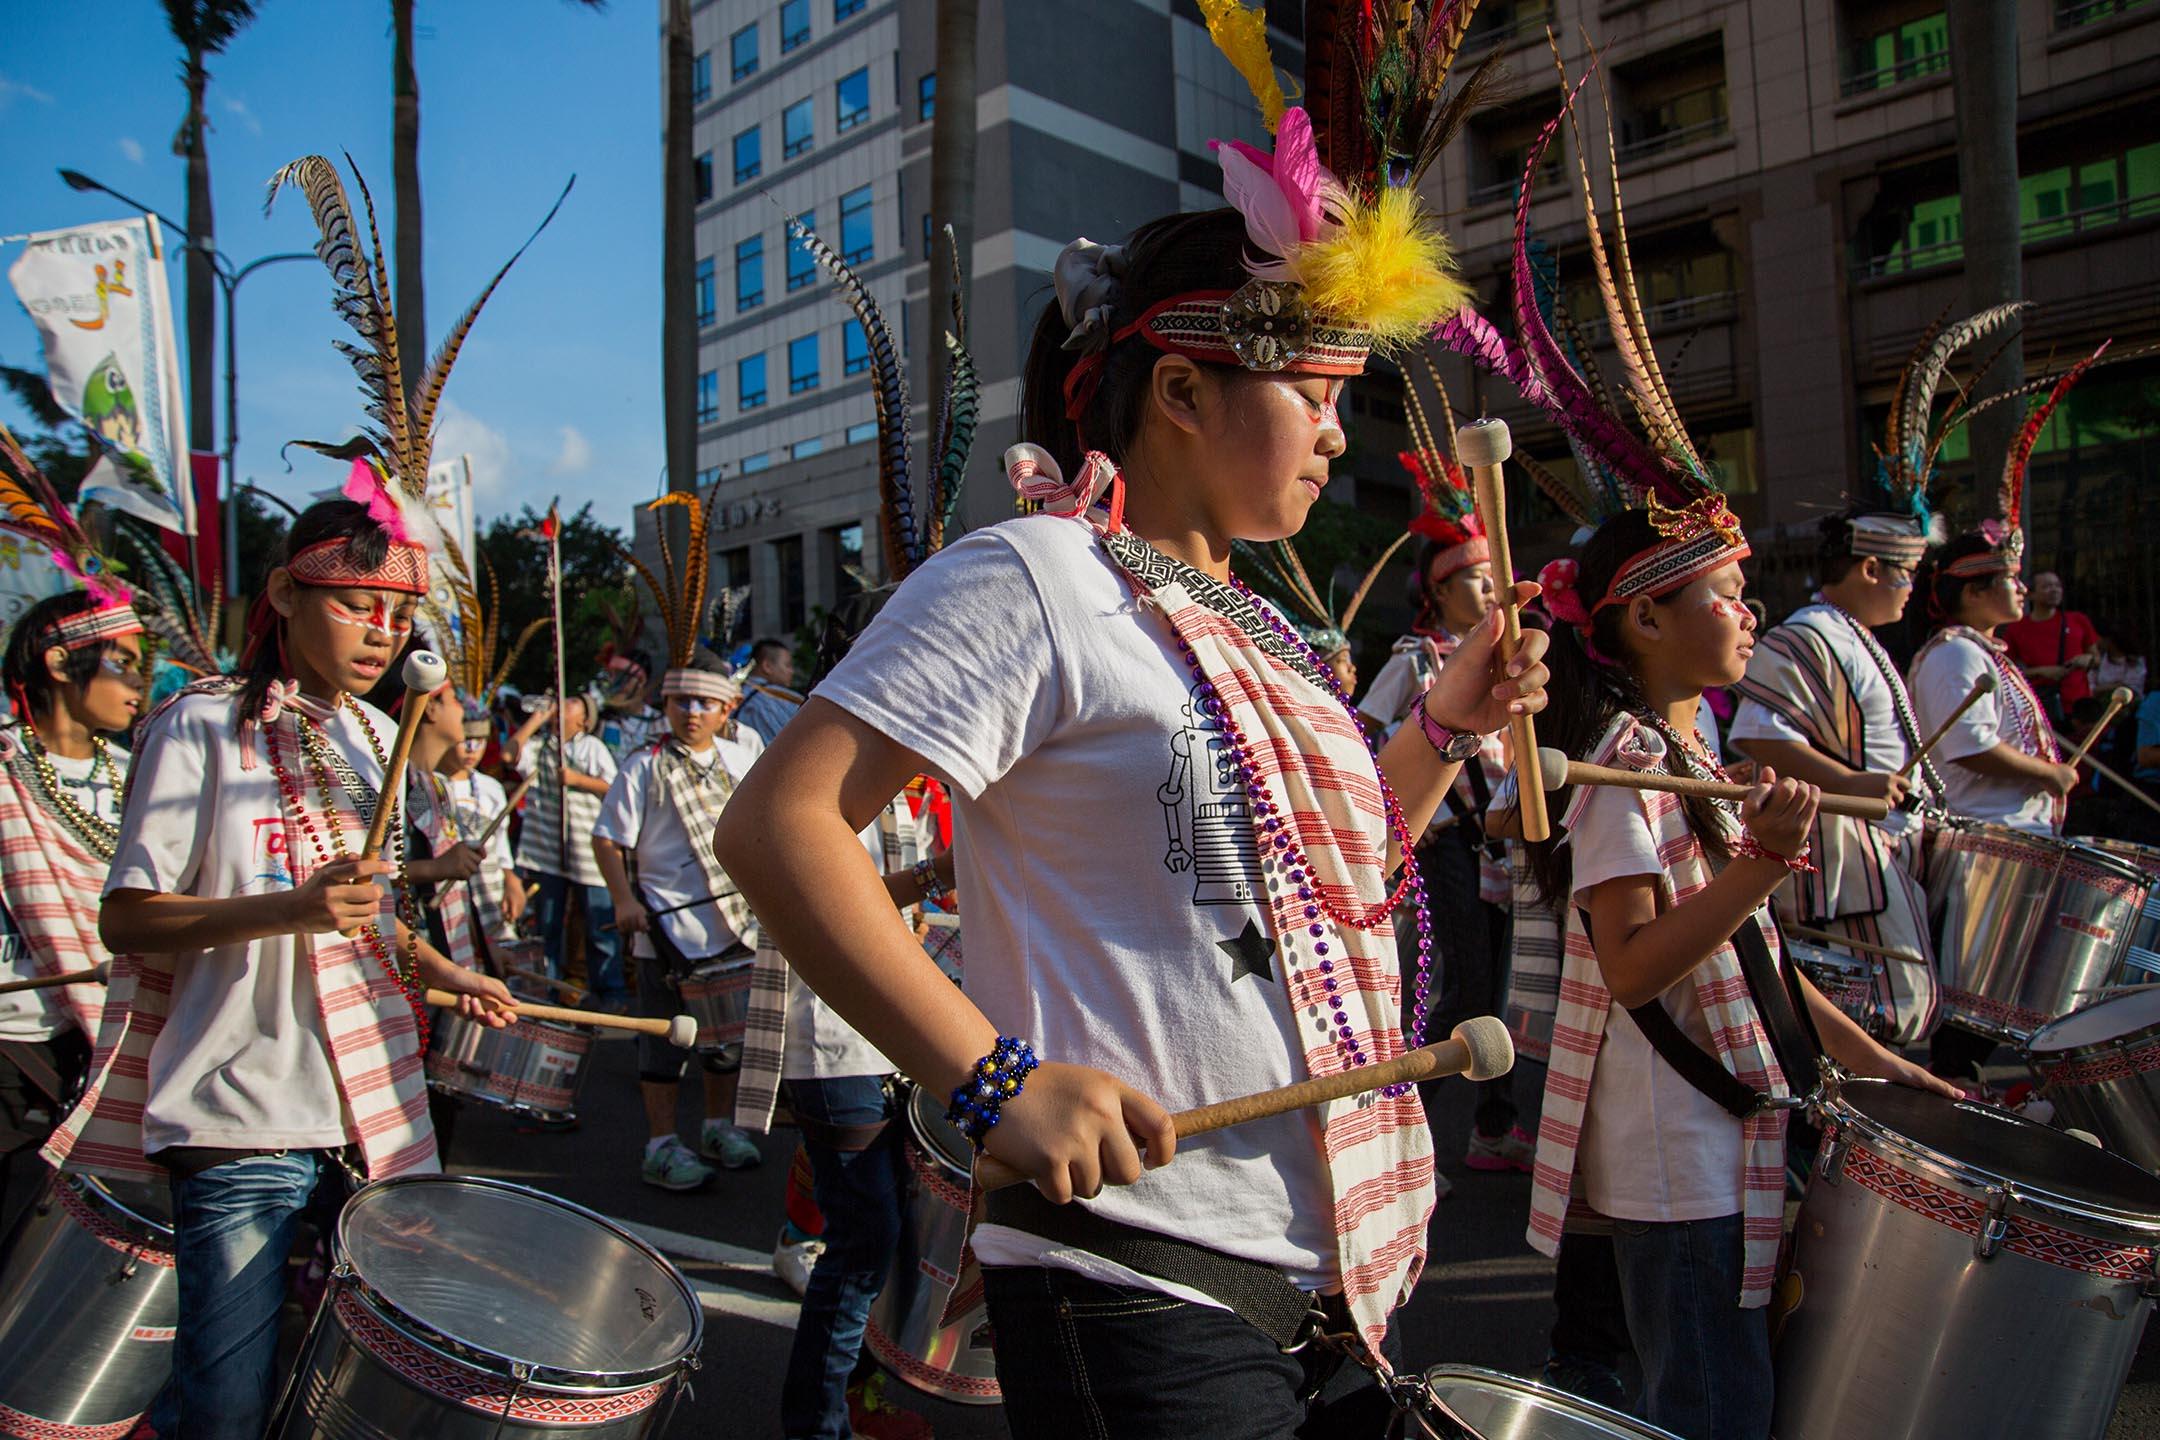 2015年10月17日台北,來自學校和原住民部落的鼓隊在街頭遊行。 攝:Craig Ferguson/LightRocket via Getty Images